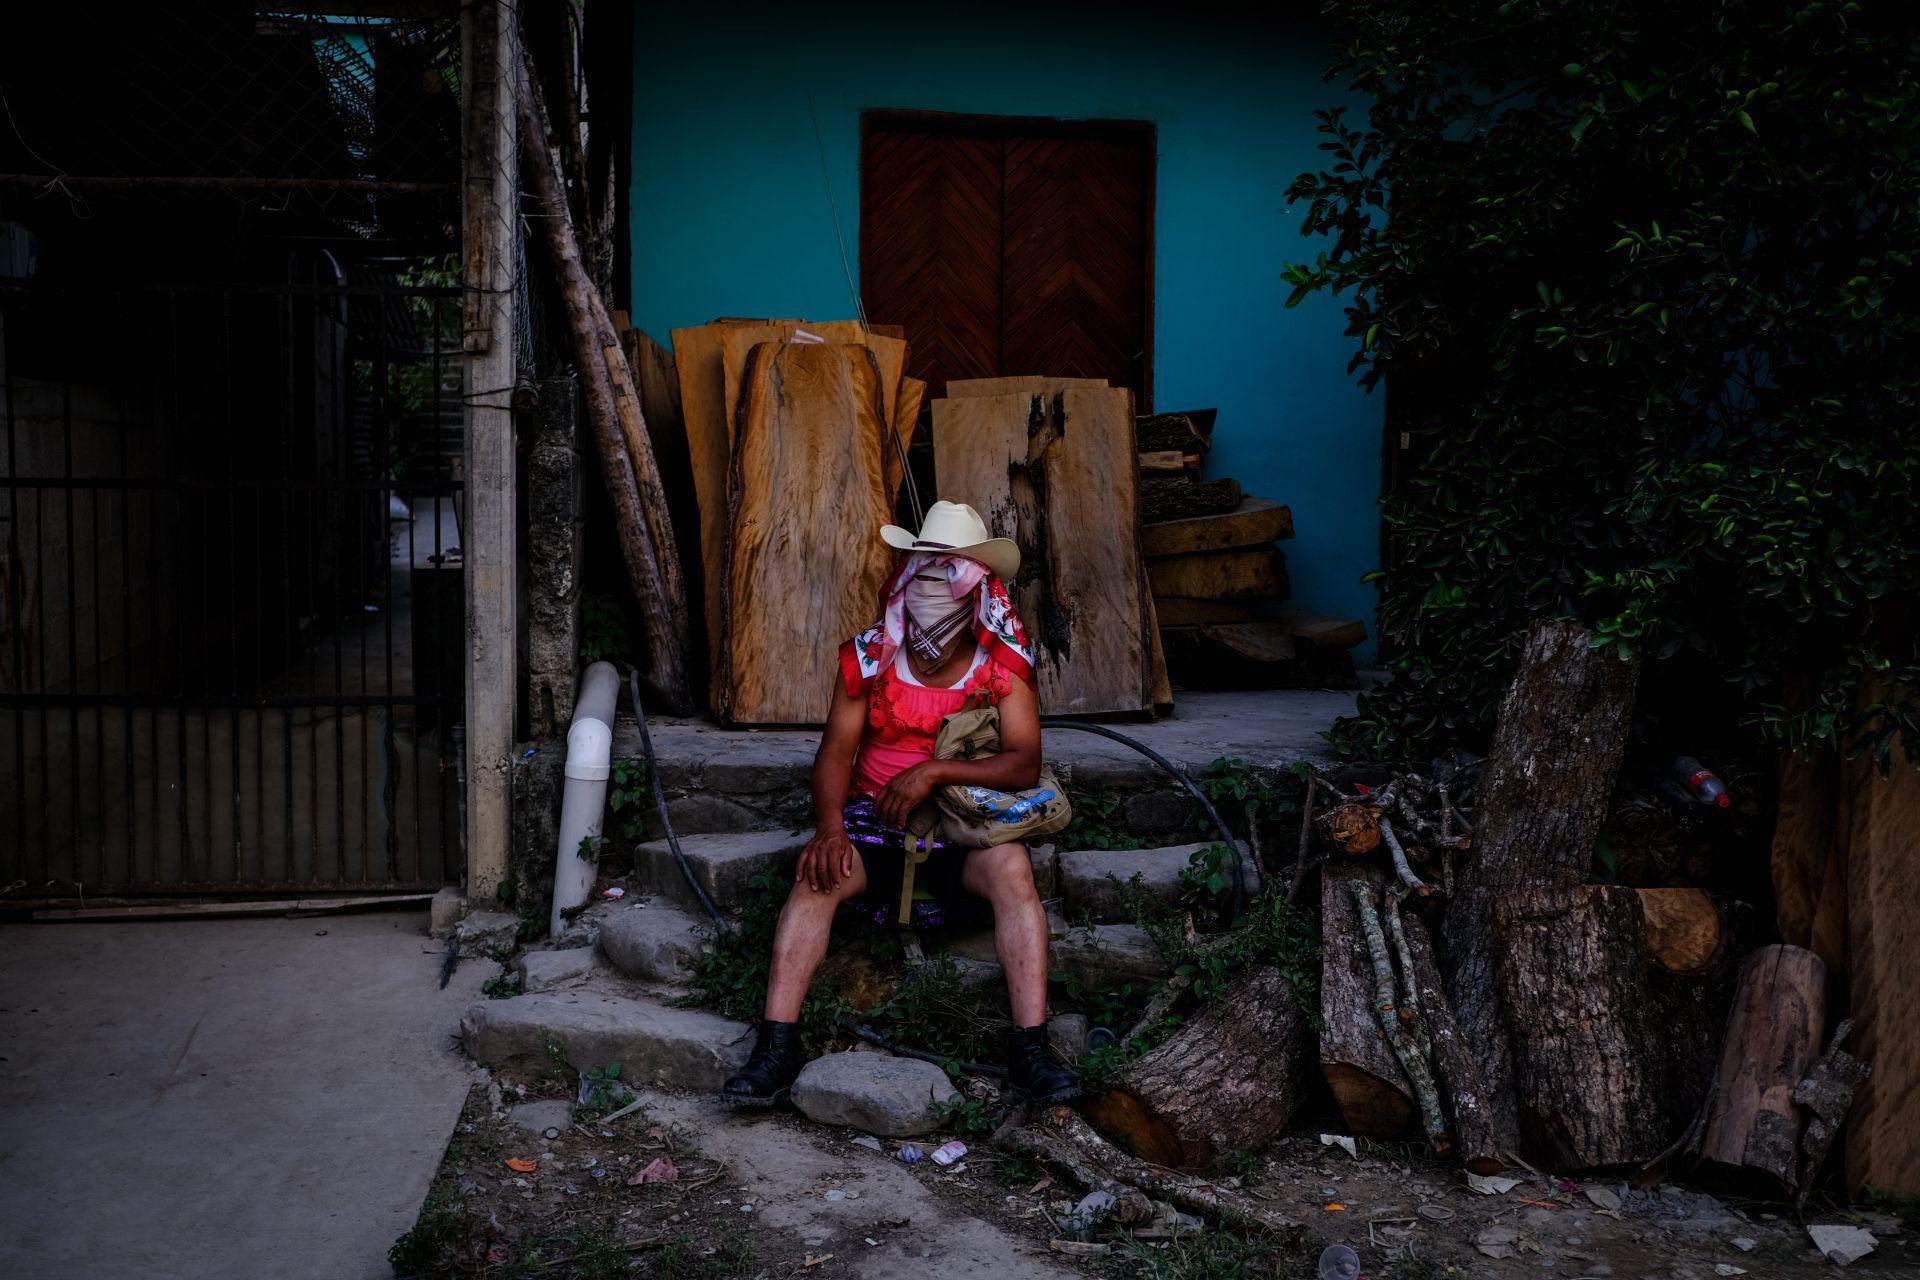 Pobladores del municipio de Jaltocán, en la Huasteca Hidalguense, llevan a cabo la fiesta tradicional de día de muertos llamada